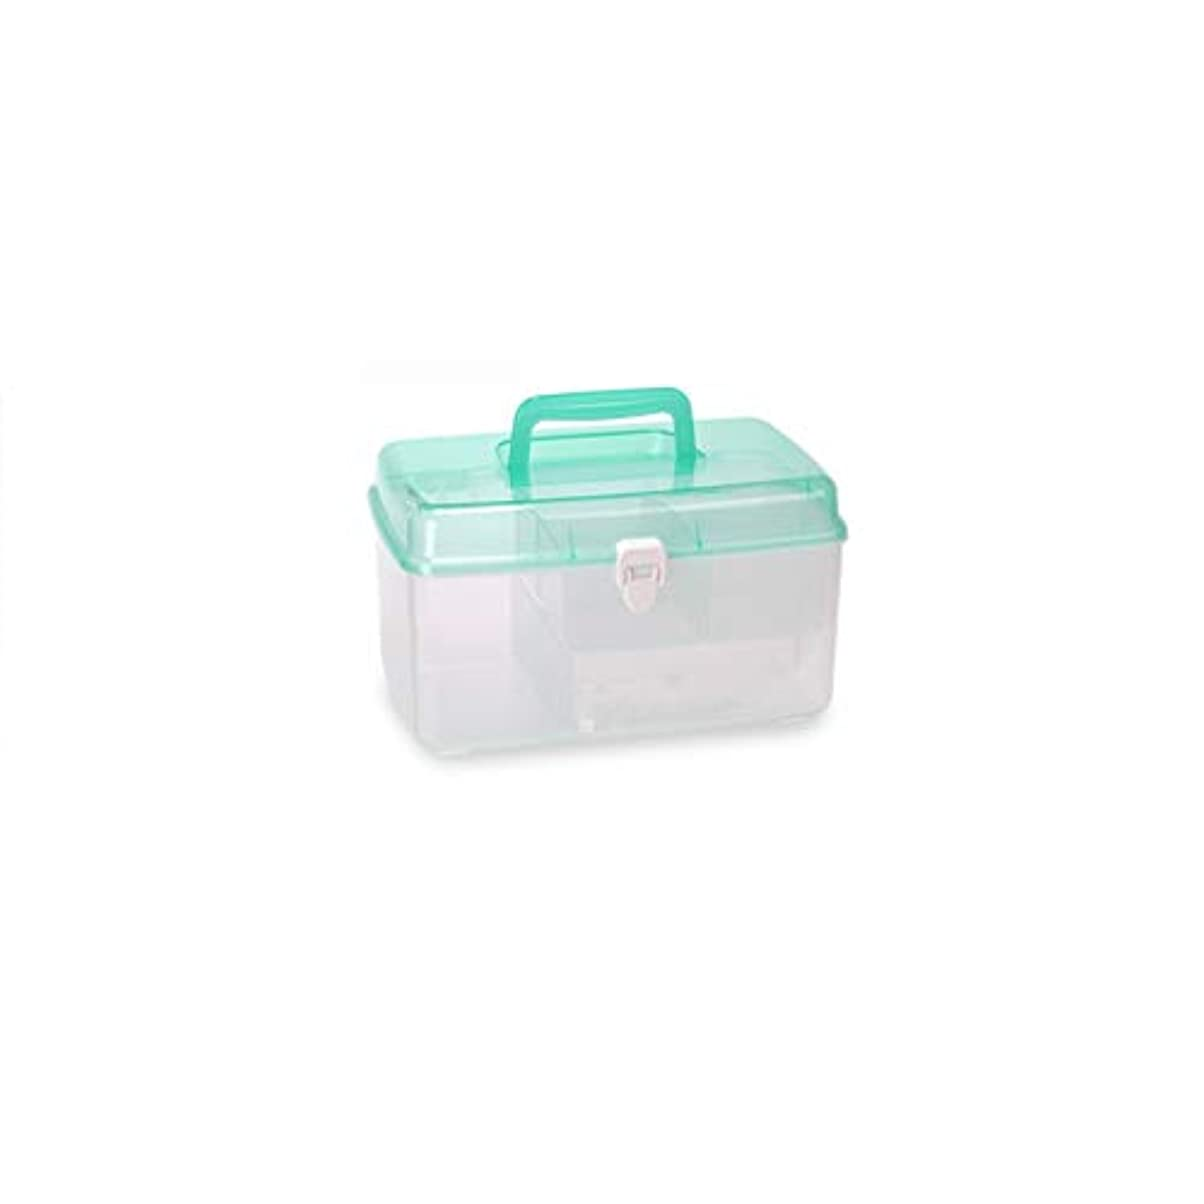 ガソリンプレゼンテーション実り多い家庭用薬箱プラスチック多層医療箱多機能救急箱薬収納ボックス ZHYGDQ (Color : Green)